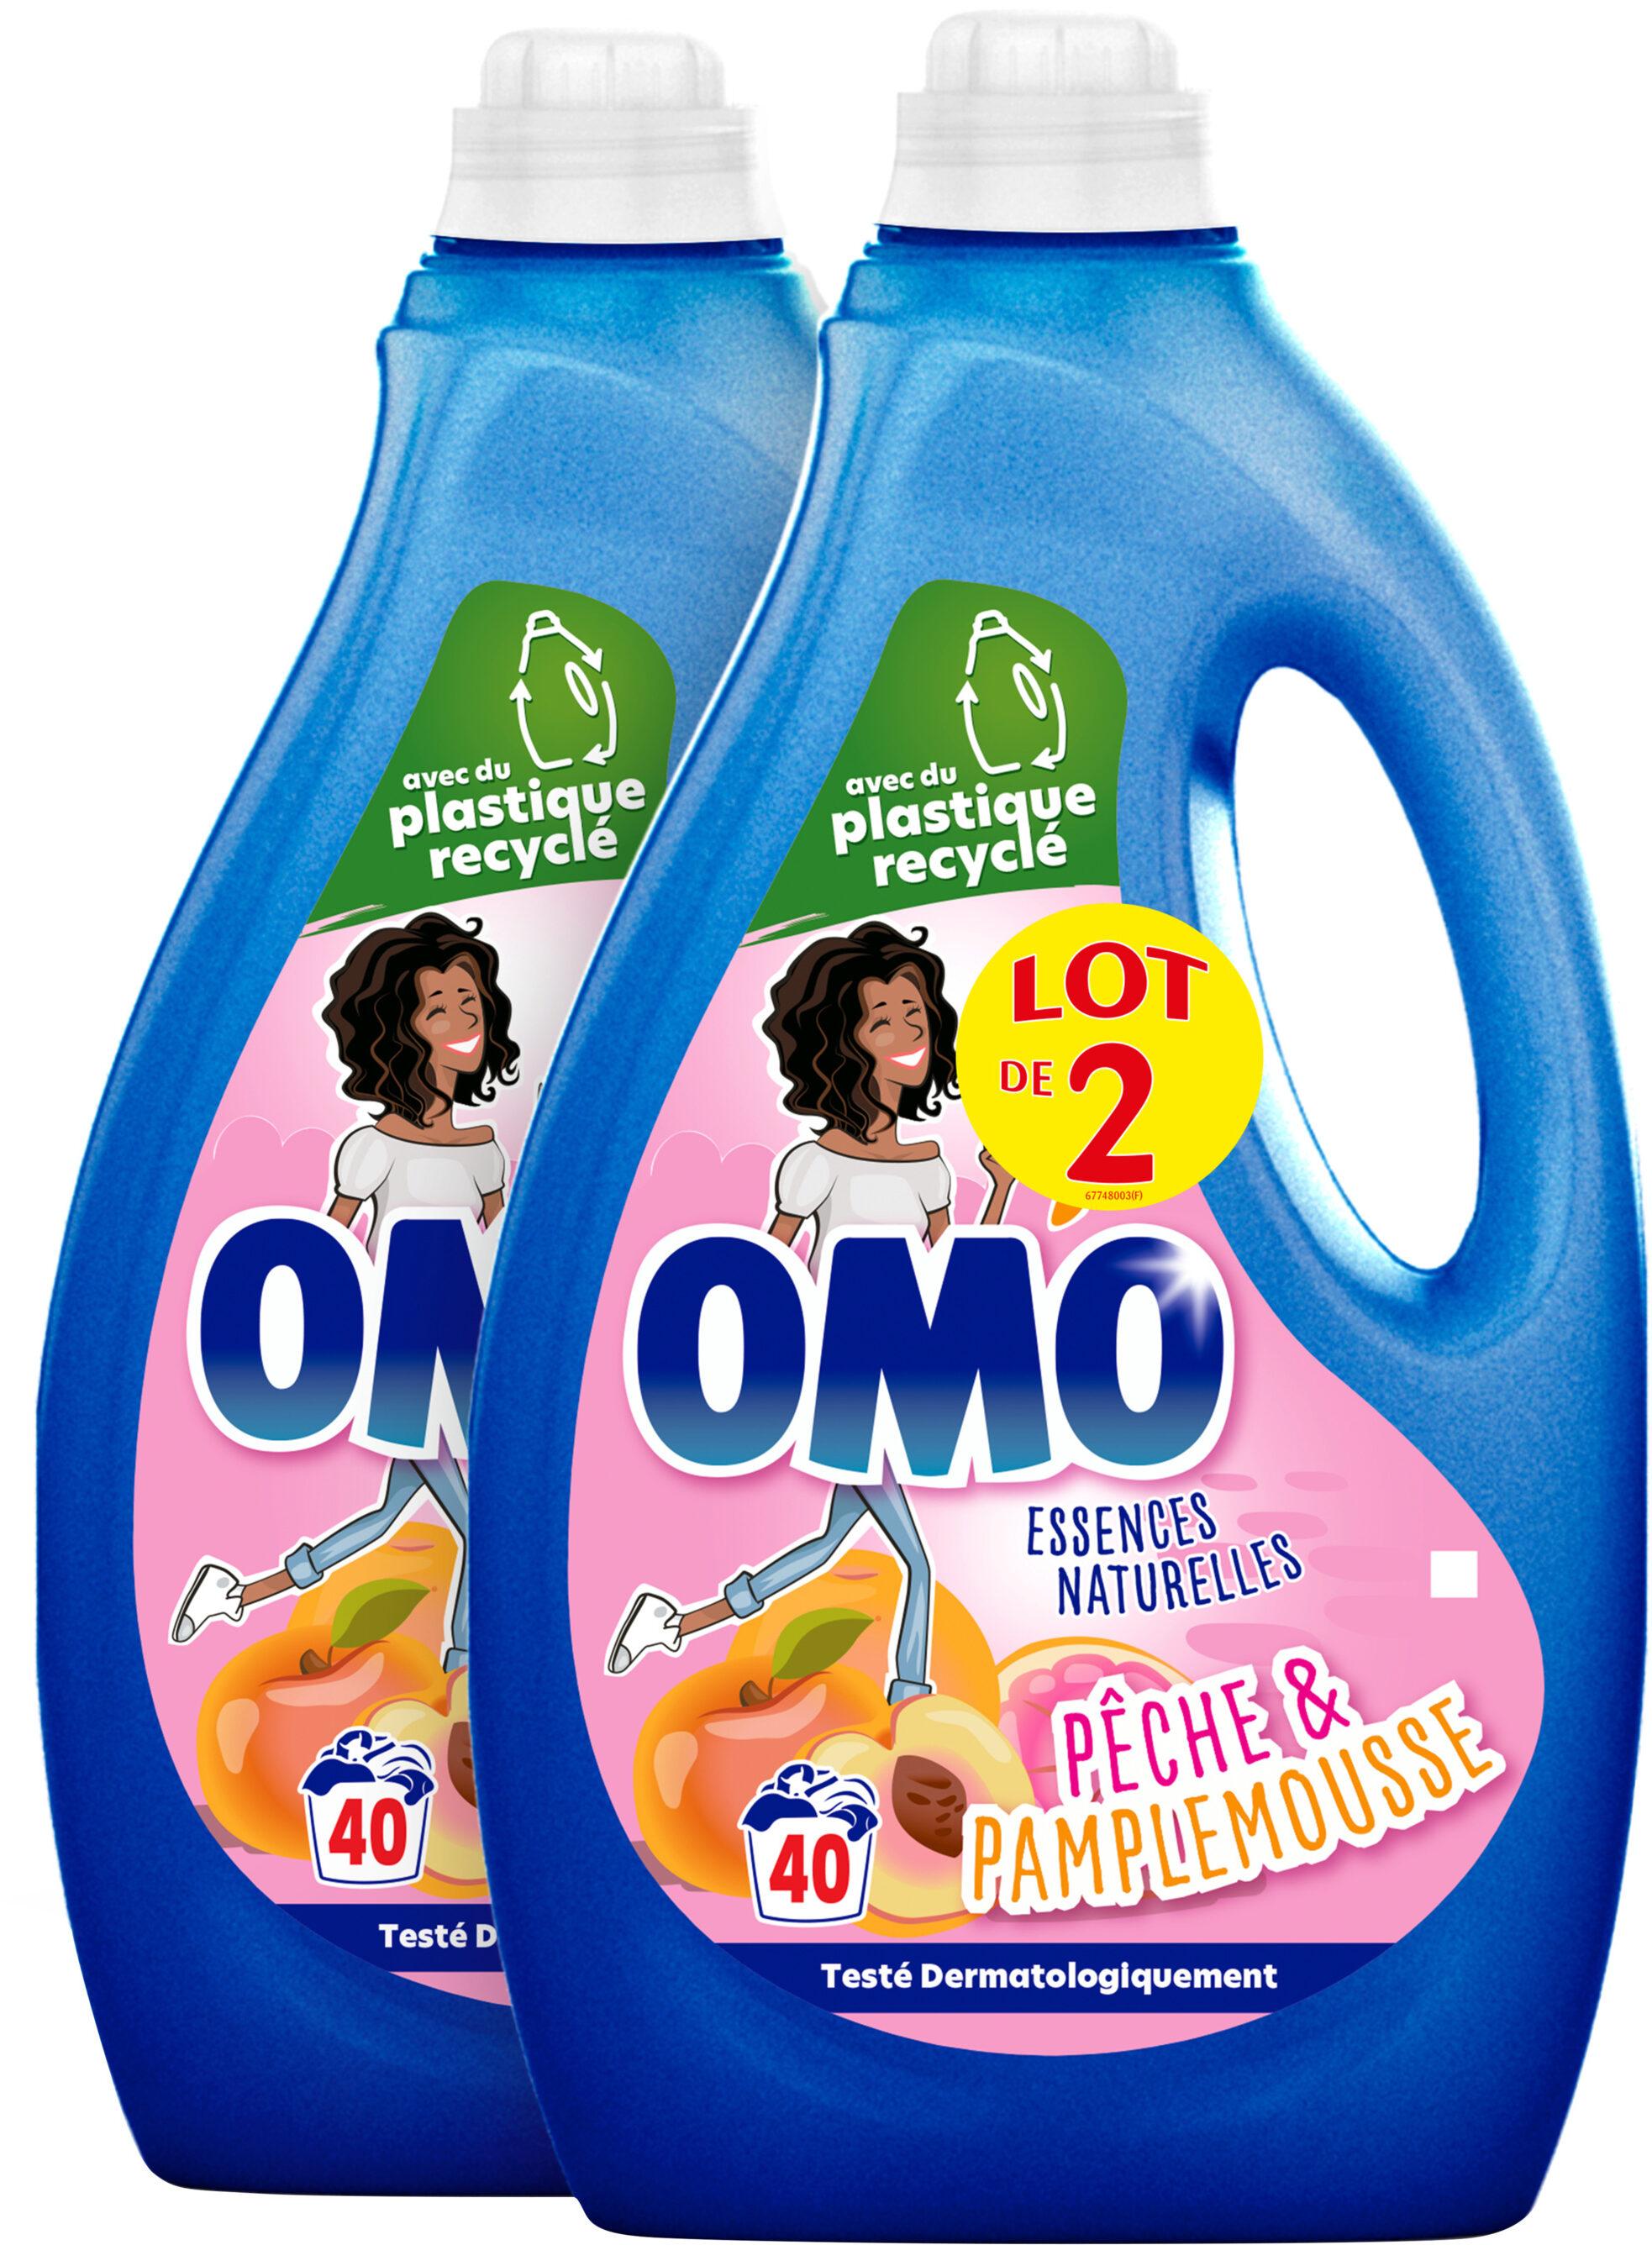 Omo Lessive Liquide Pêche & Pamplemousse 2l 40 Lavages Lot de 2 - Produit - fr